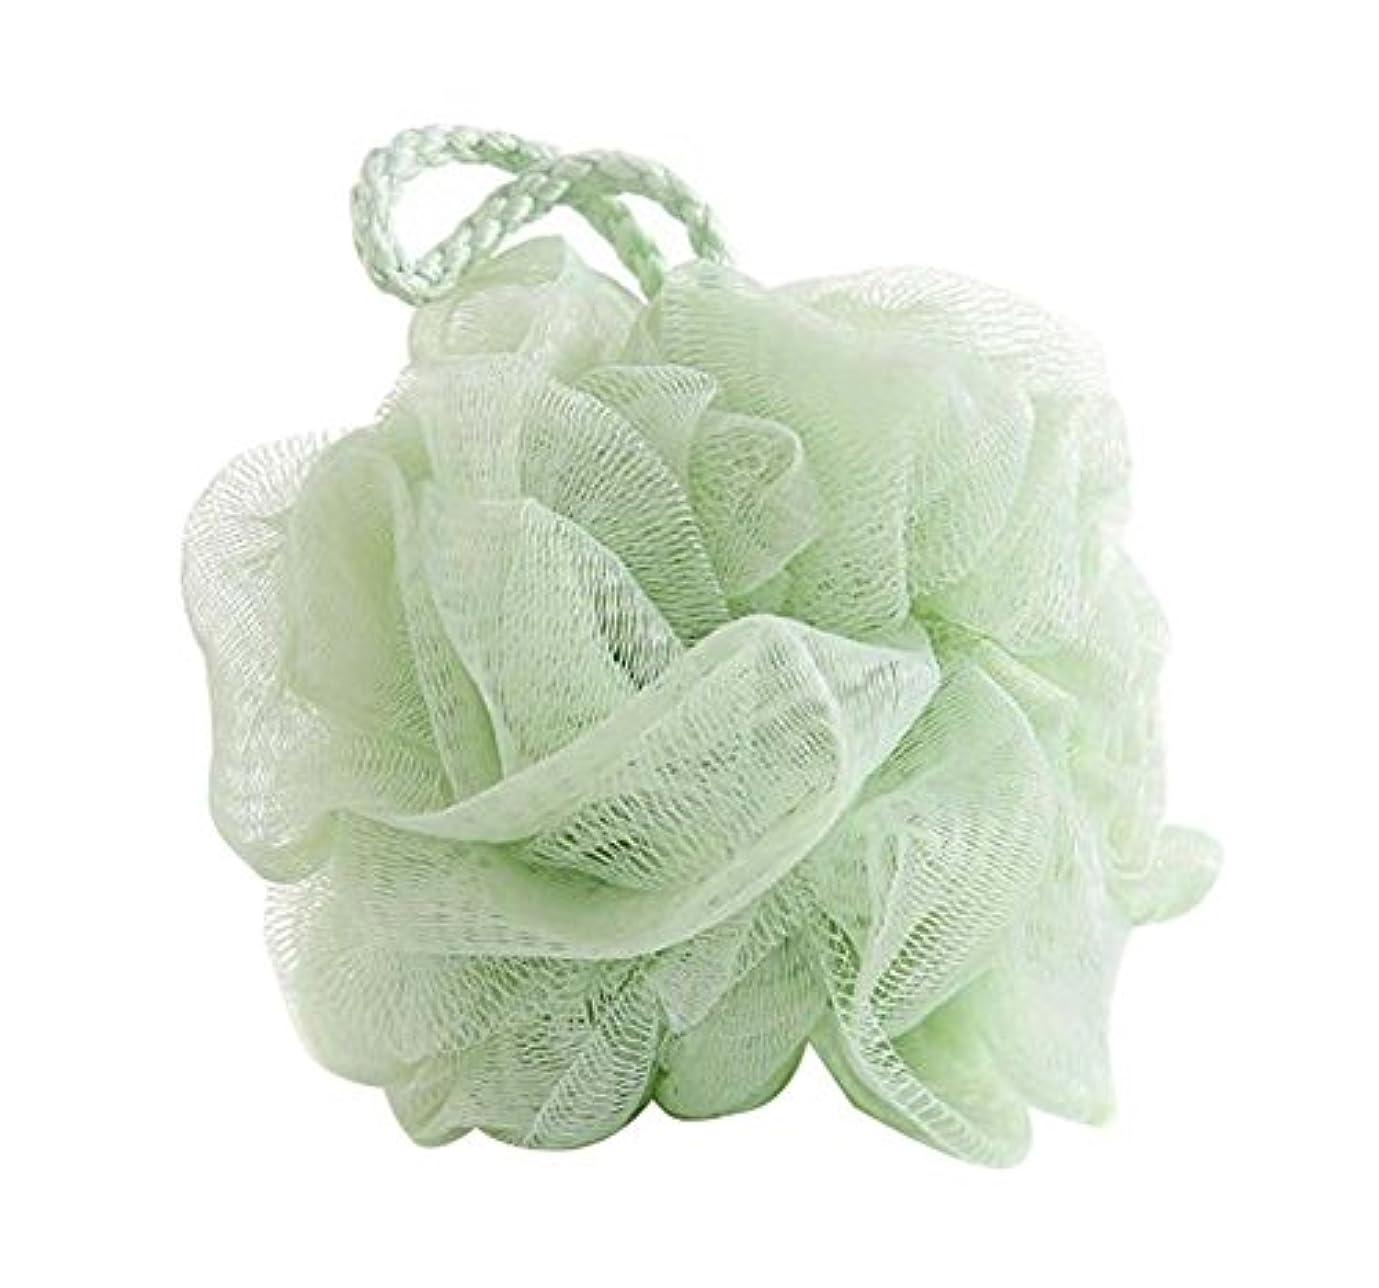 応じる計器分泌する柔らかいバスボール美しいラビングバスタオル、グリーン